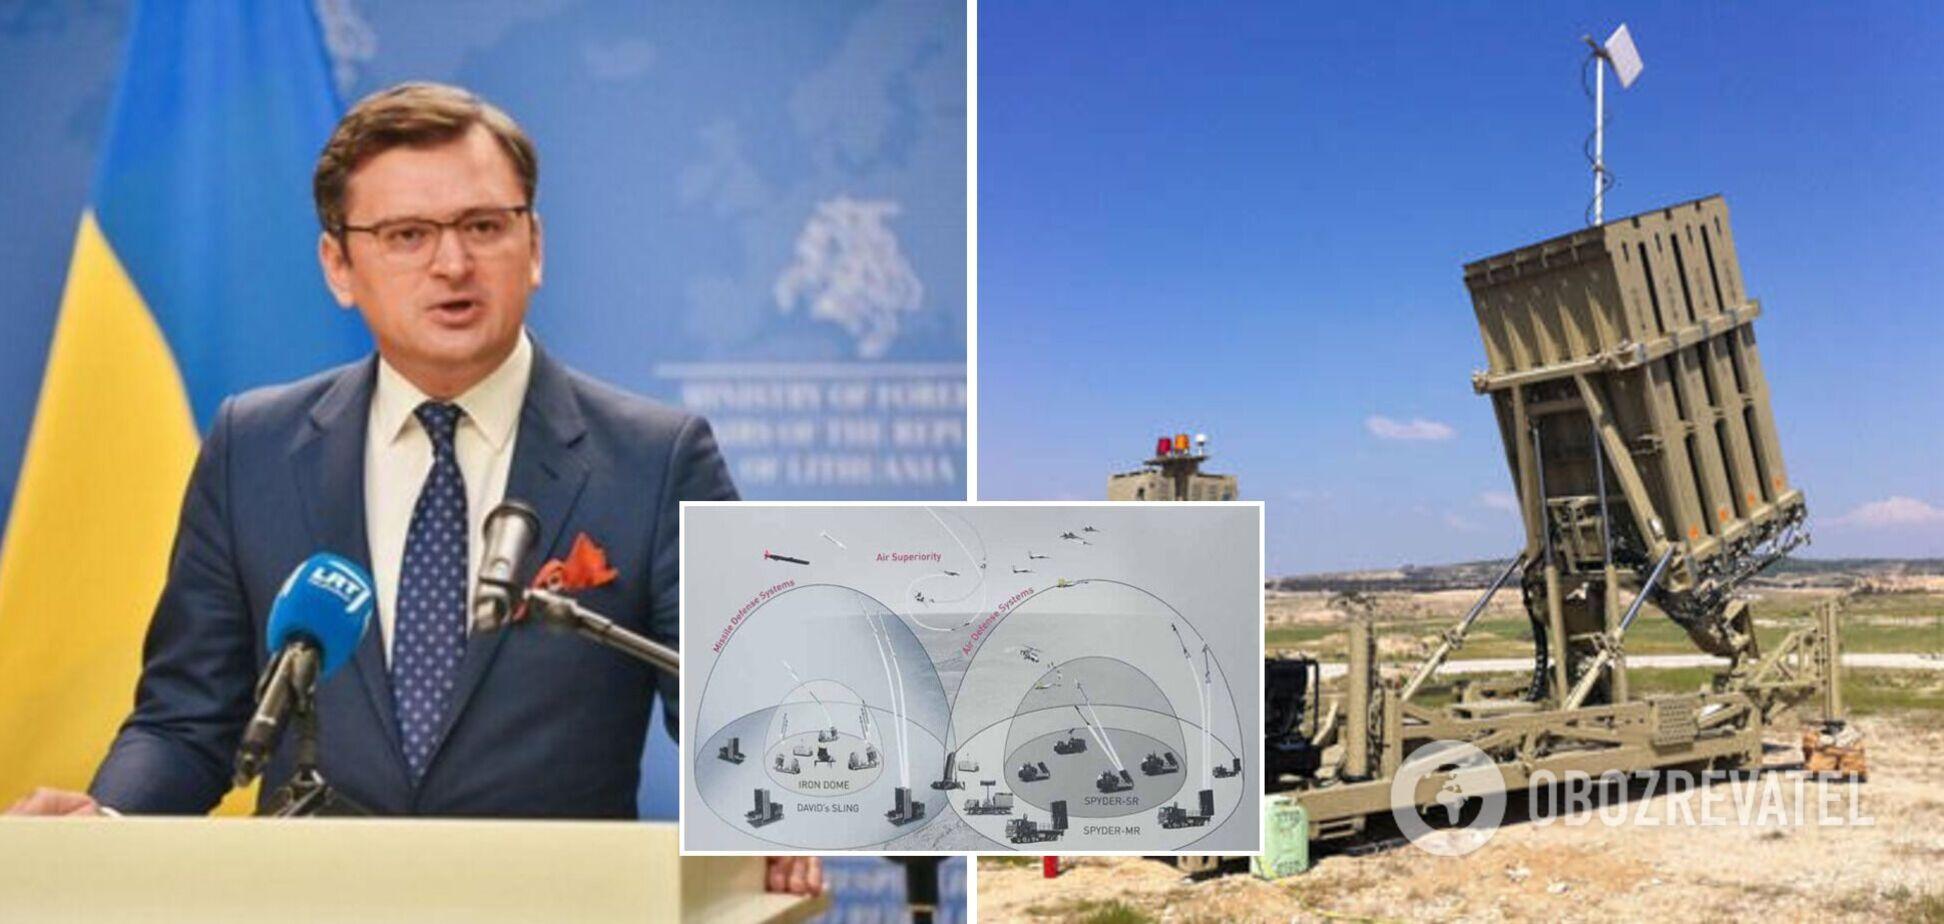 Кулеба о вероятности предоставления Украине 'Железного купола': мы действительно ставили вопрос в США